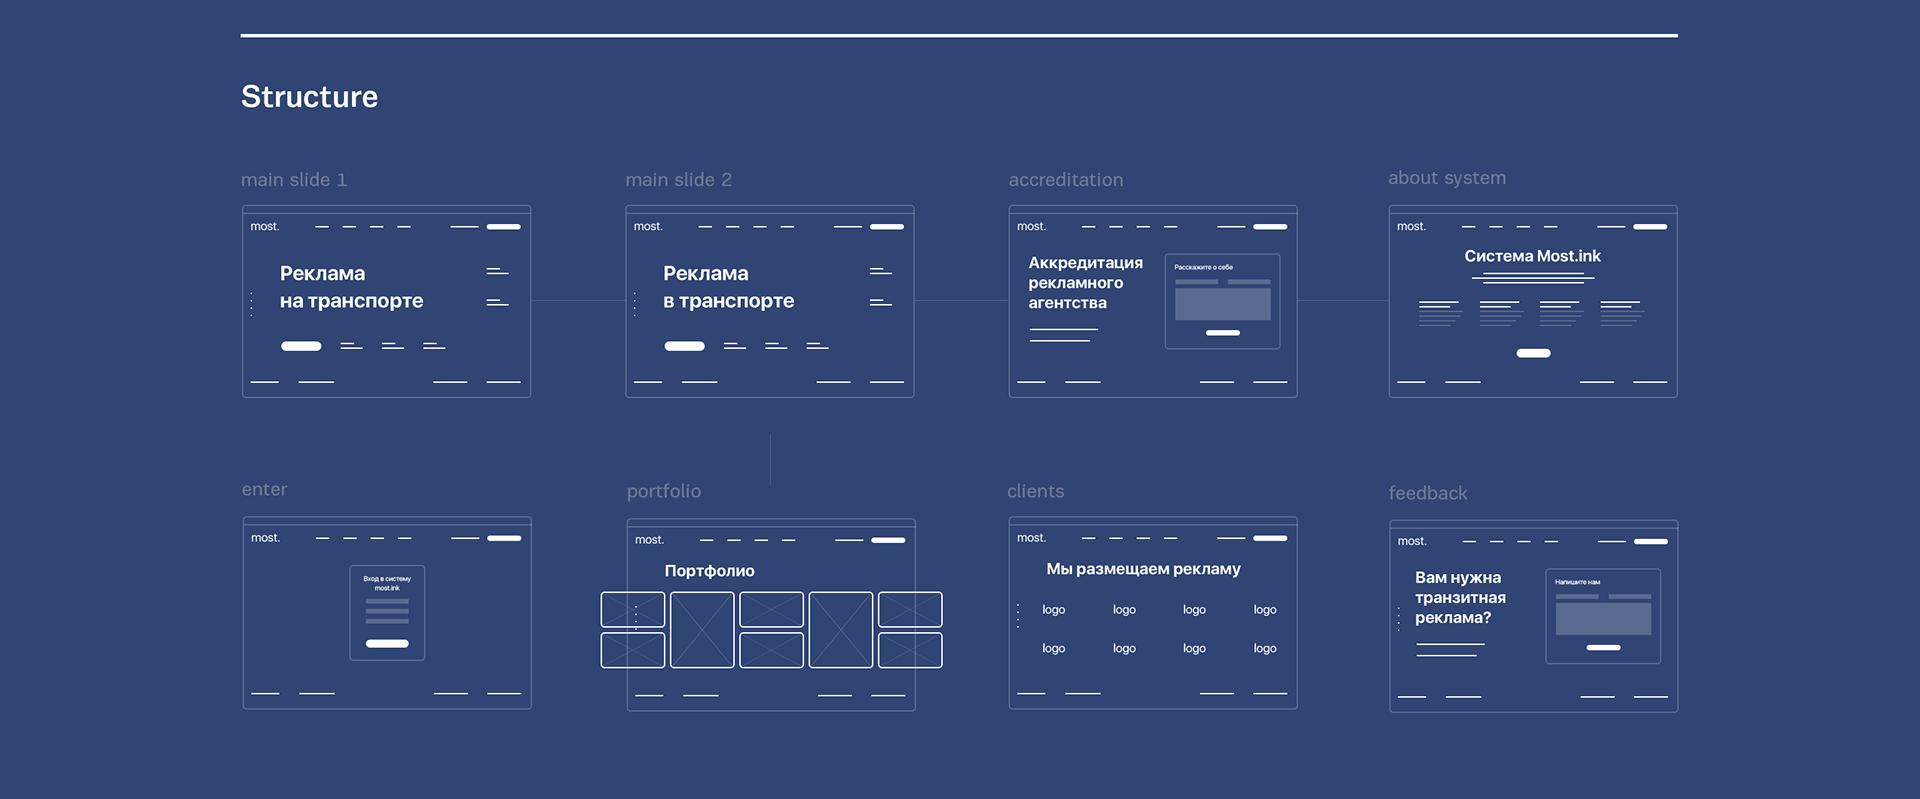 xu hướng thiết kế website 2018